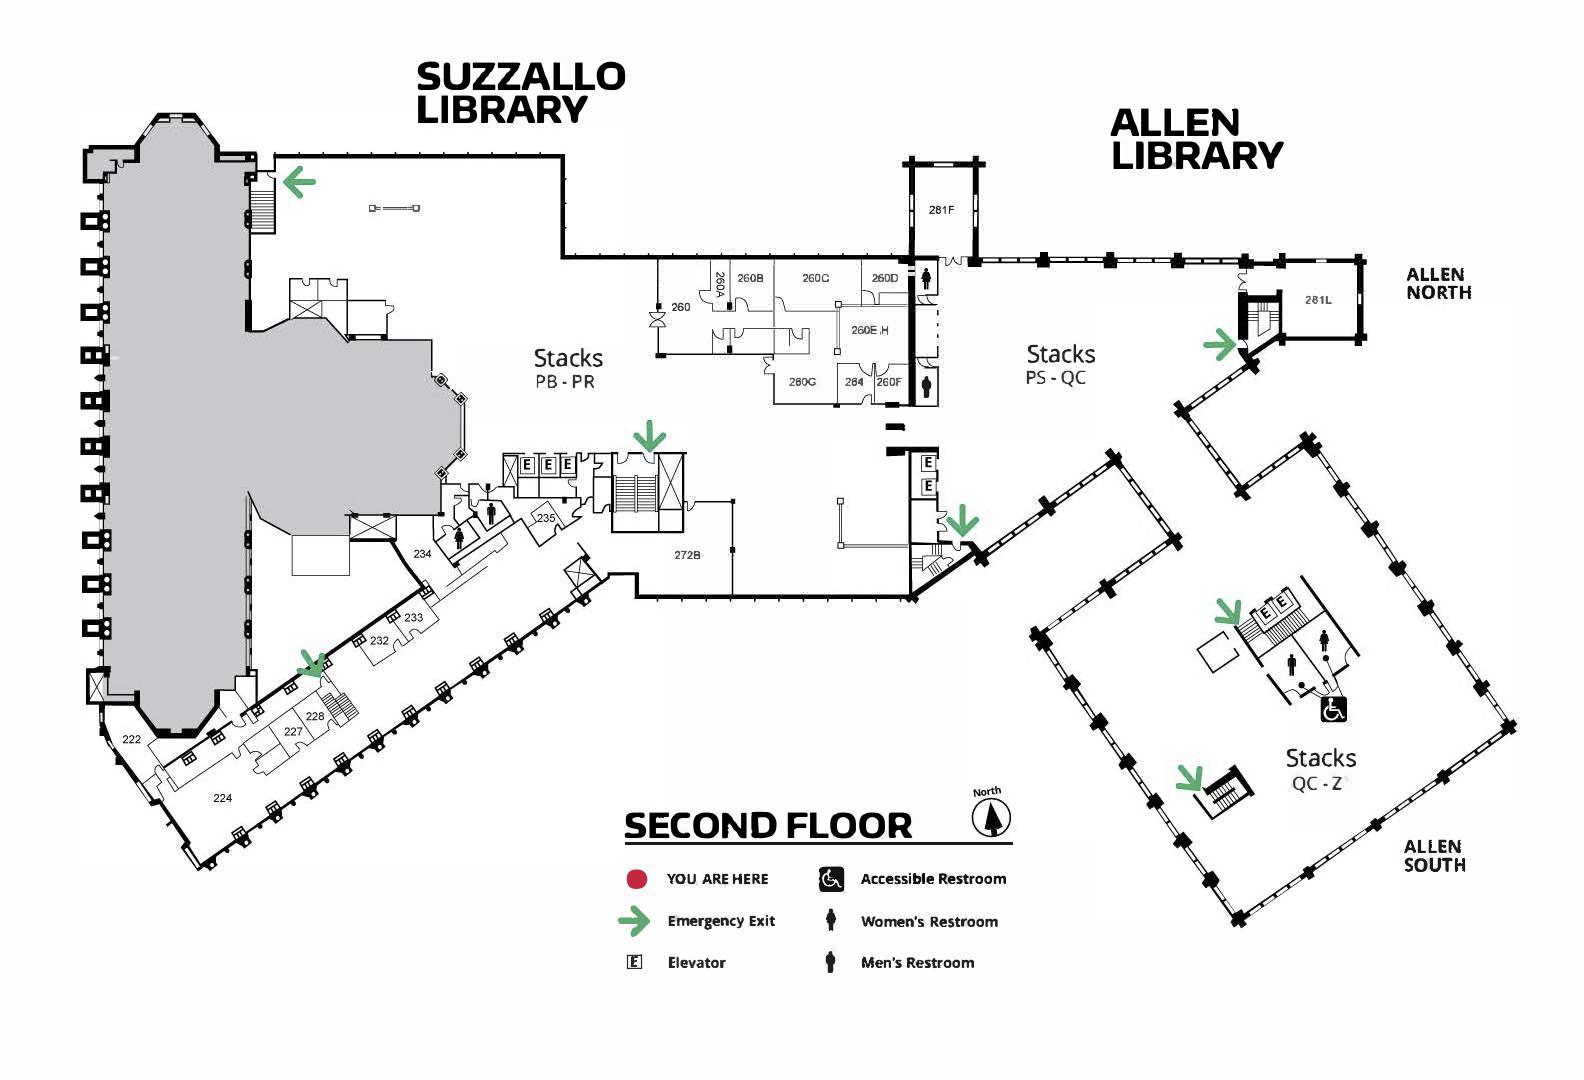 Suzzallo/Allen Second Floor Map